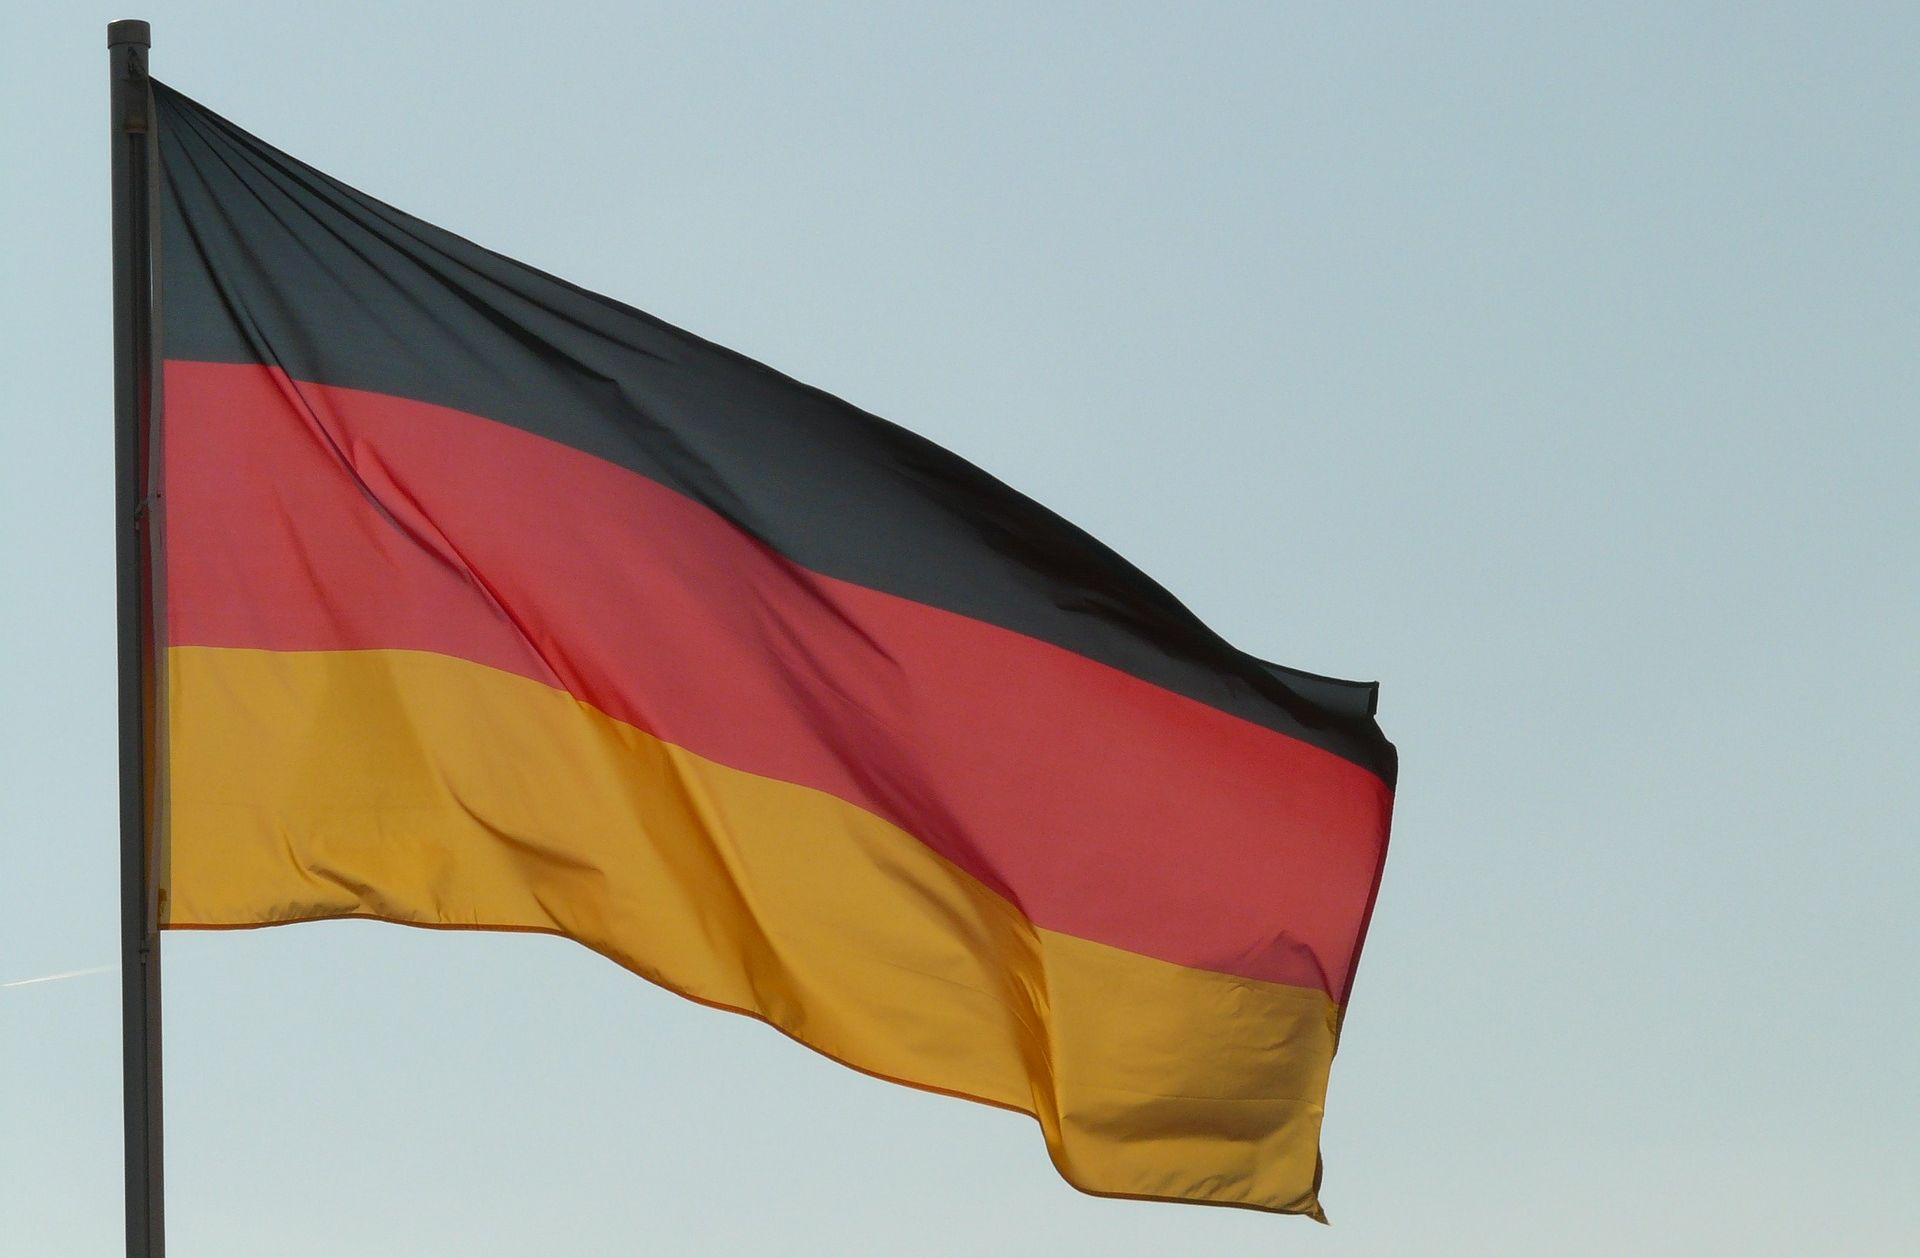 Ljevica u Hamburgu ne želi stalno isticanje državne zastave pred školama